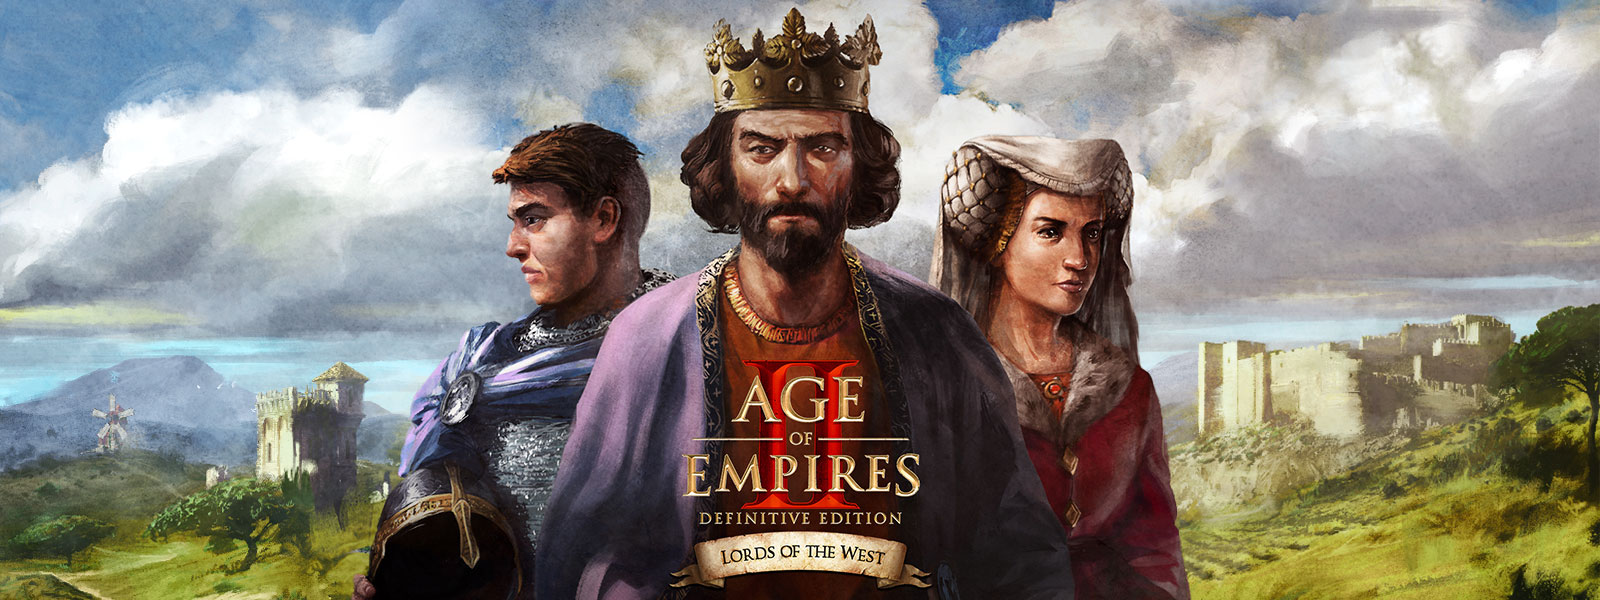 Age of Empires II: Definitive Edition. Lords of the West. Tre karakterer, der poserer.